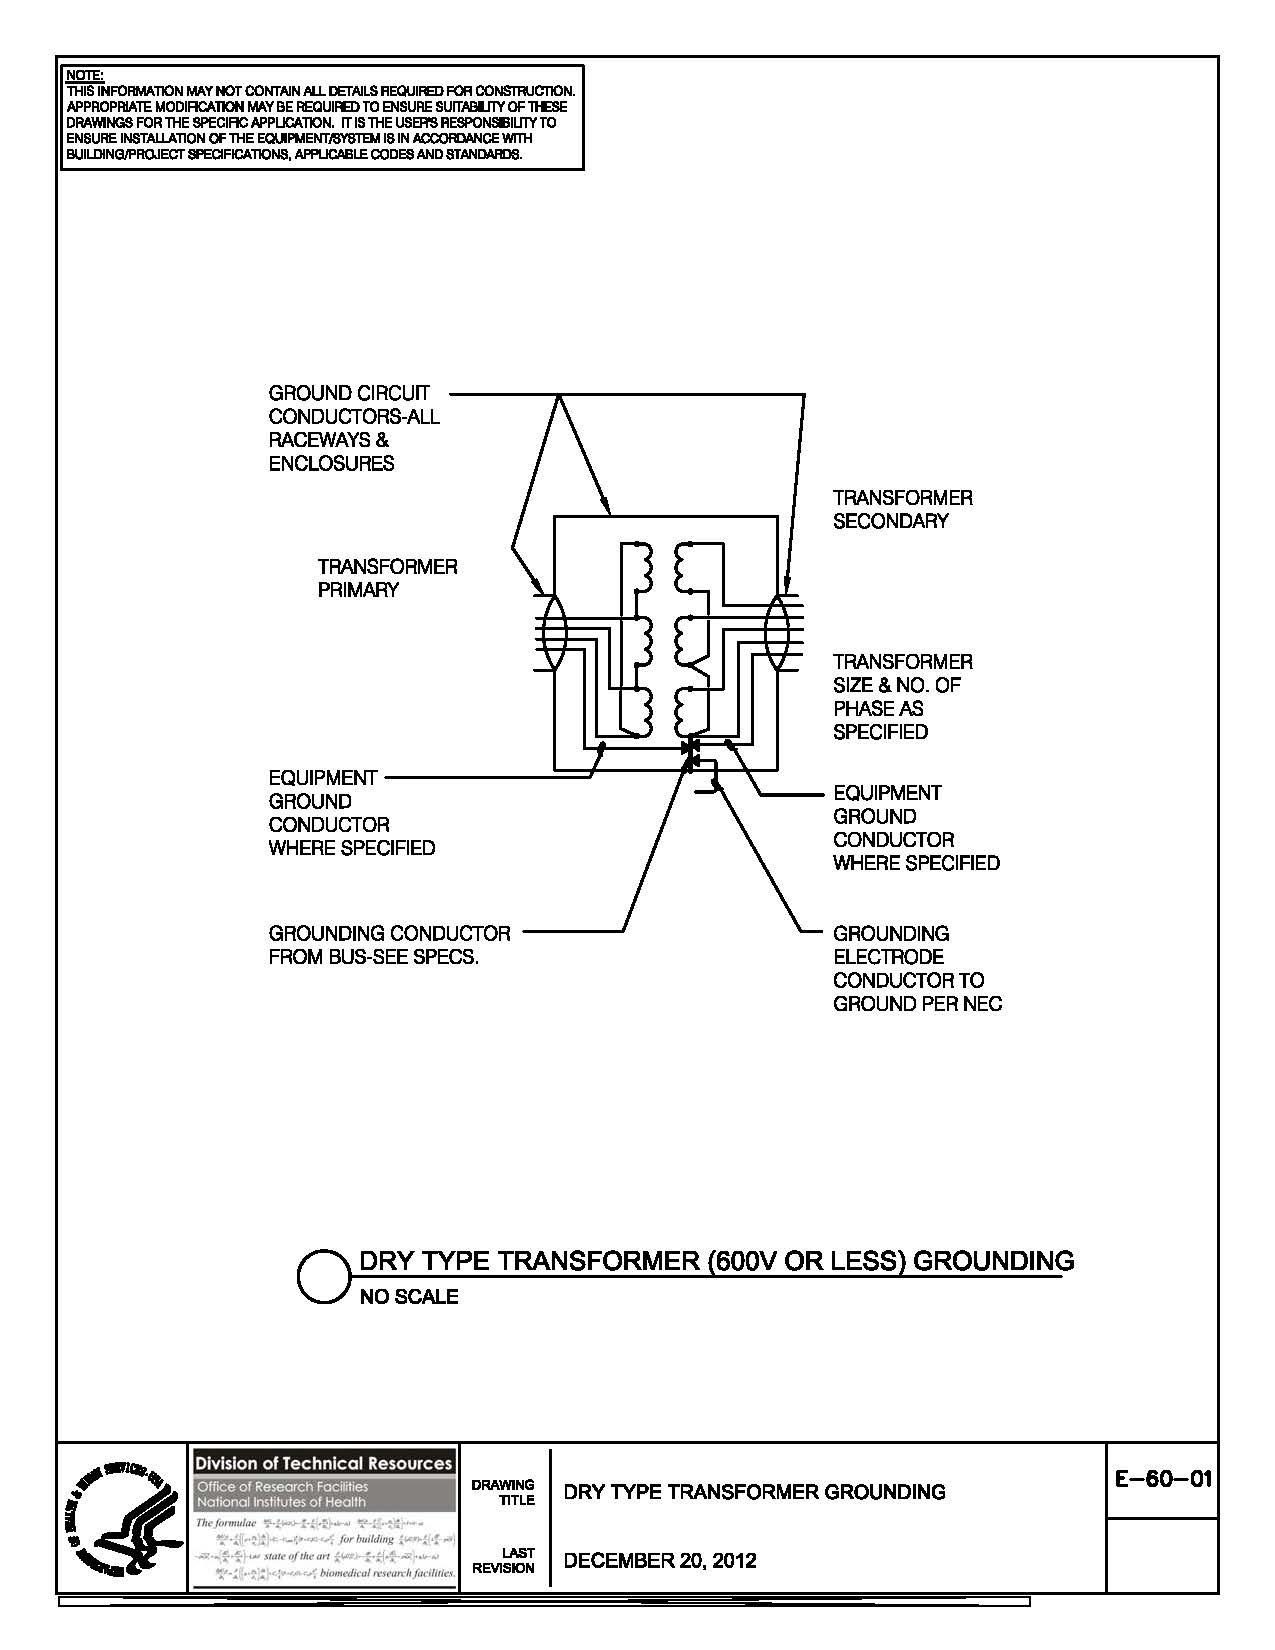 04 60 wiring diagram nih standard cad details  nih standard cad details